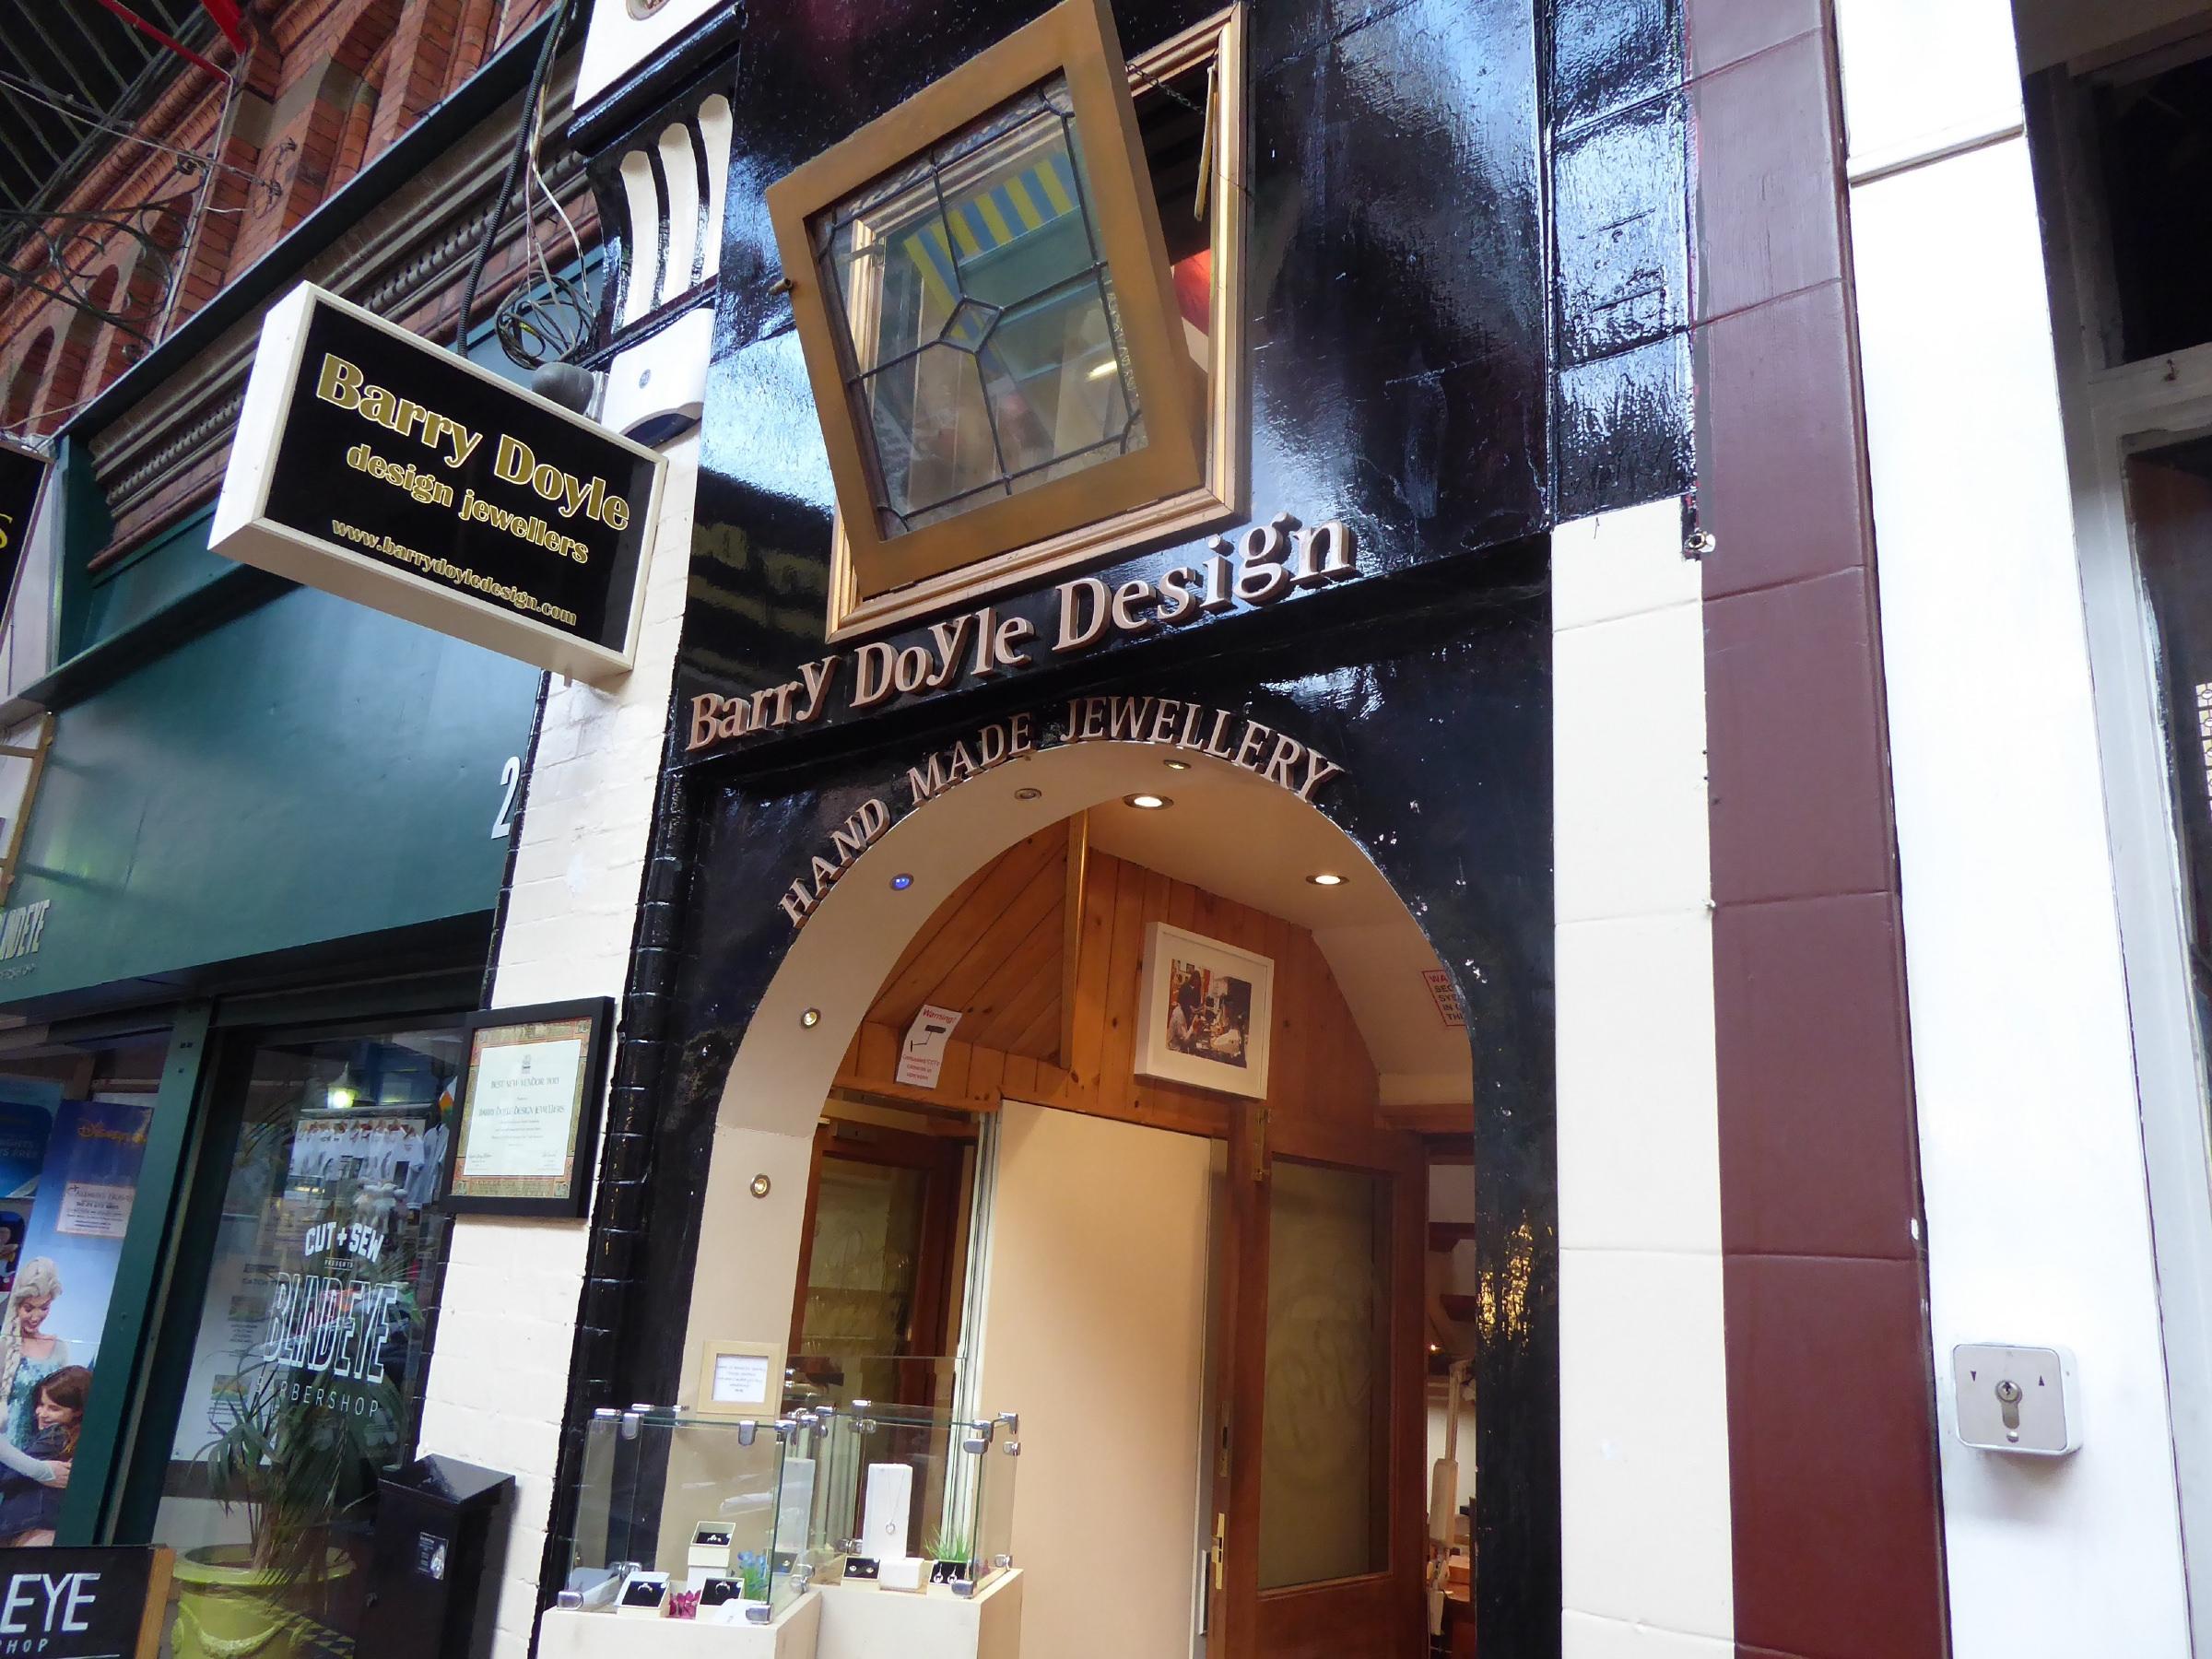 Design Yard Dublin Jewellery: Barry Doyle Design Jewellers